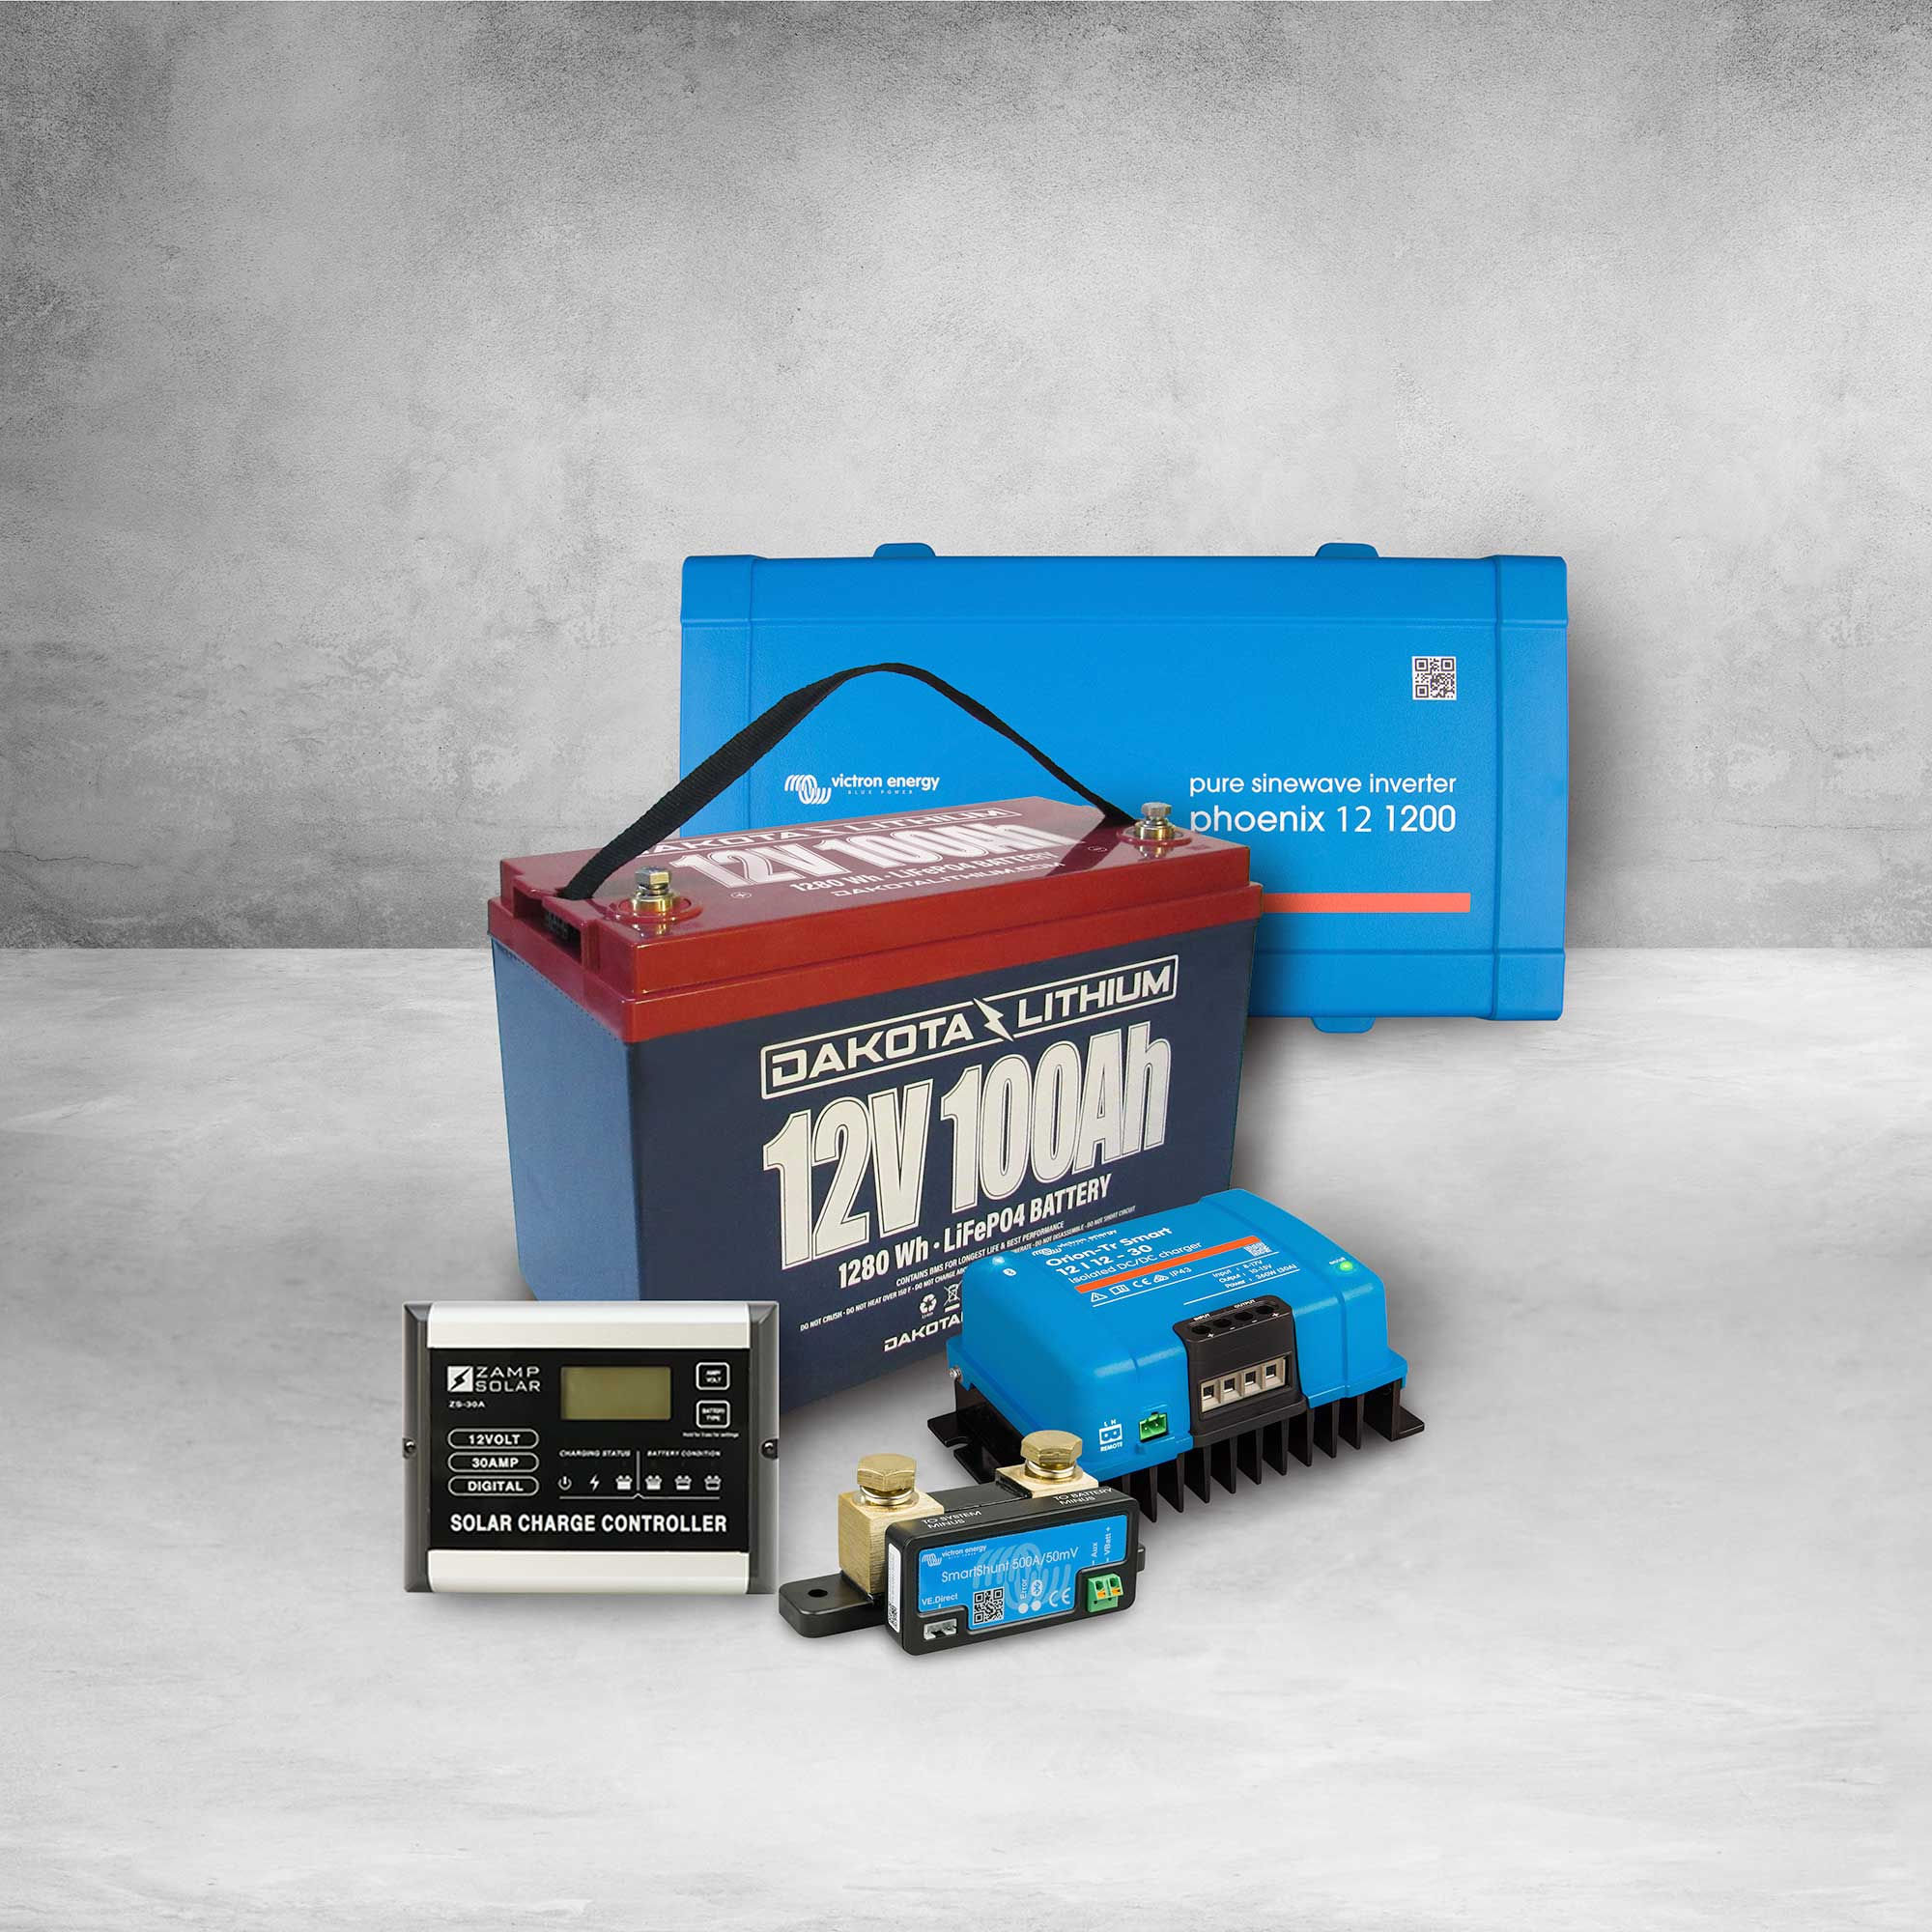 Dakota Lithium #Vanlife, RV Trailer & Truck 12v 100Ah Power System